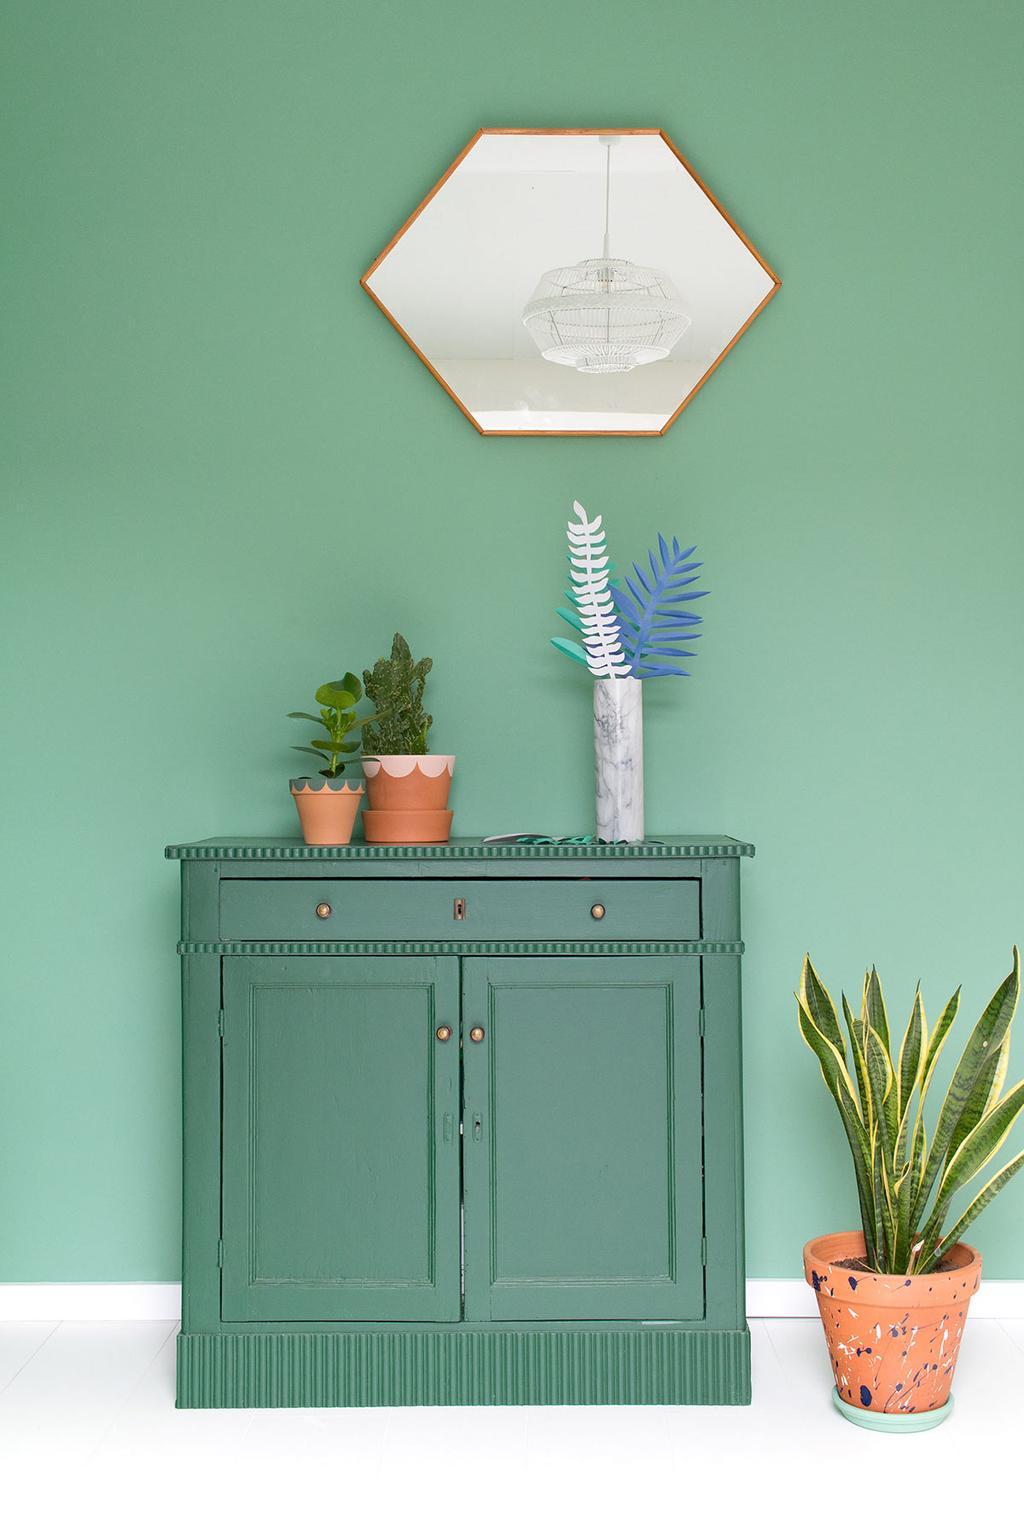 Vaas met bloemen van papier op een groene kast tegen een groene muur